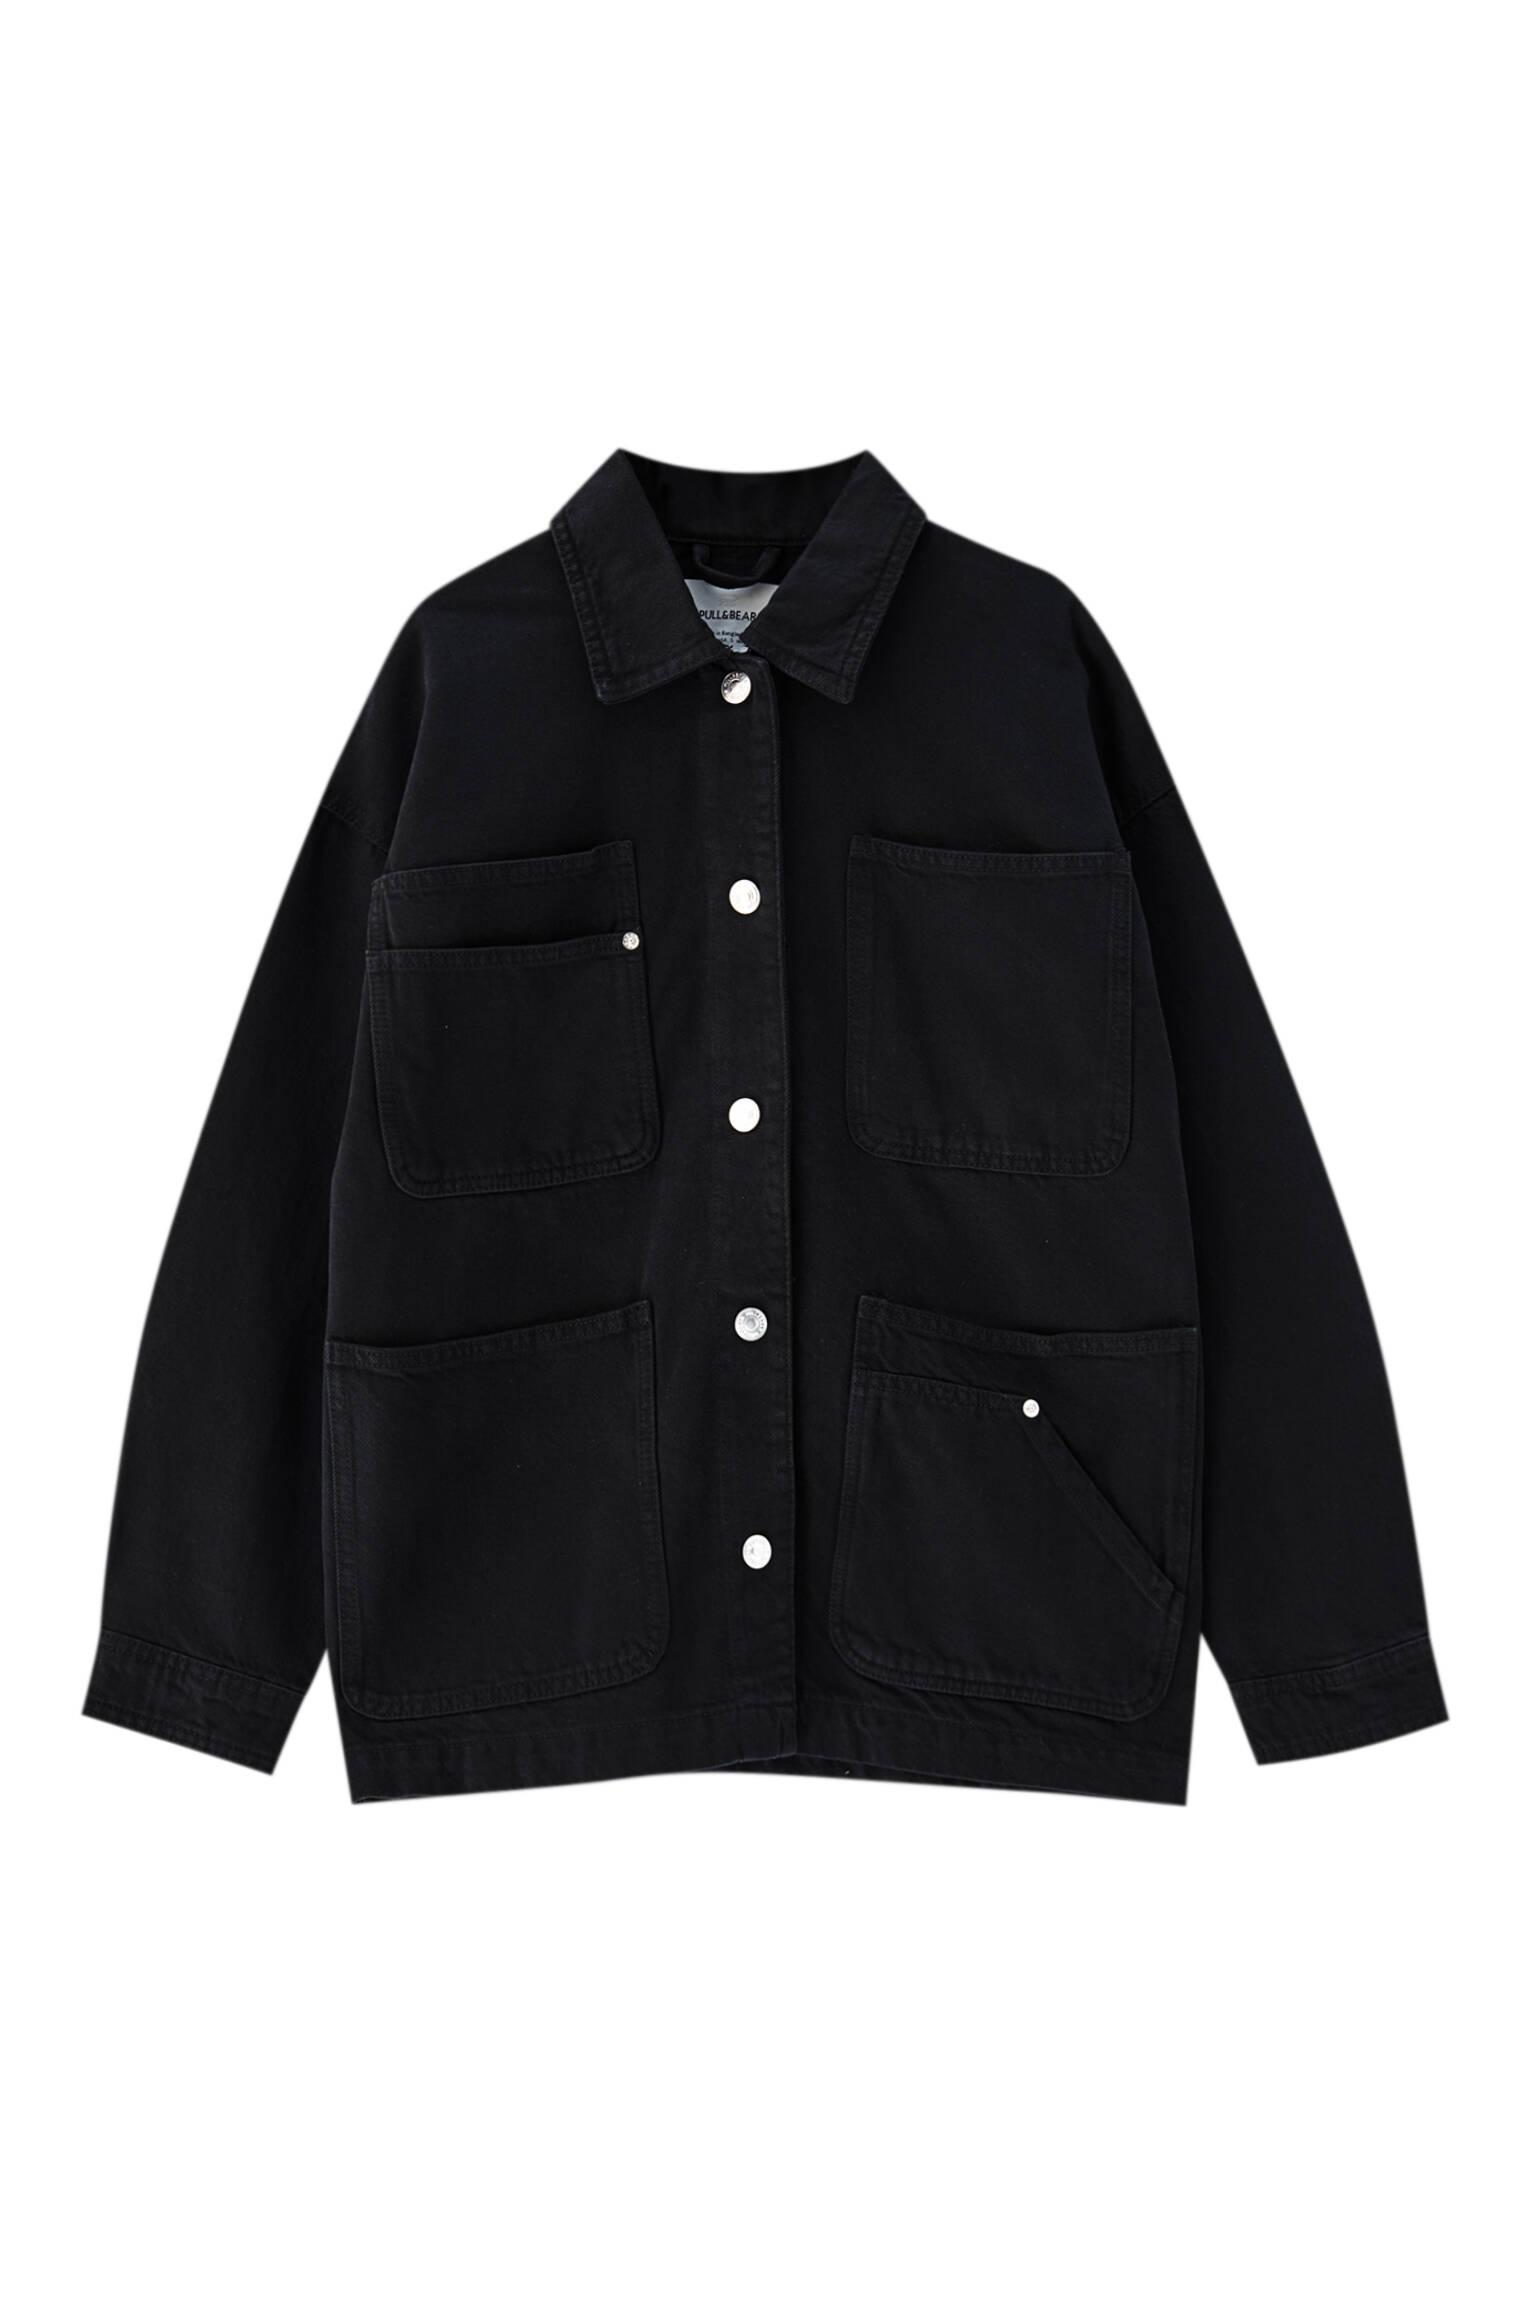 ЛИНЯЛЫЙ ЧЕРНЫЙ Куртка в стиле сафари - не менее 50% органического хлопка Pull & Bear